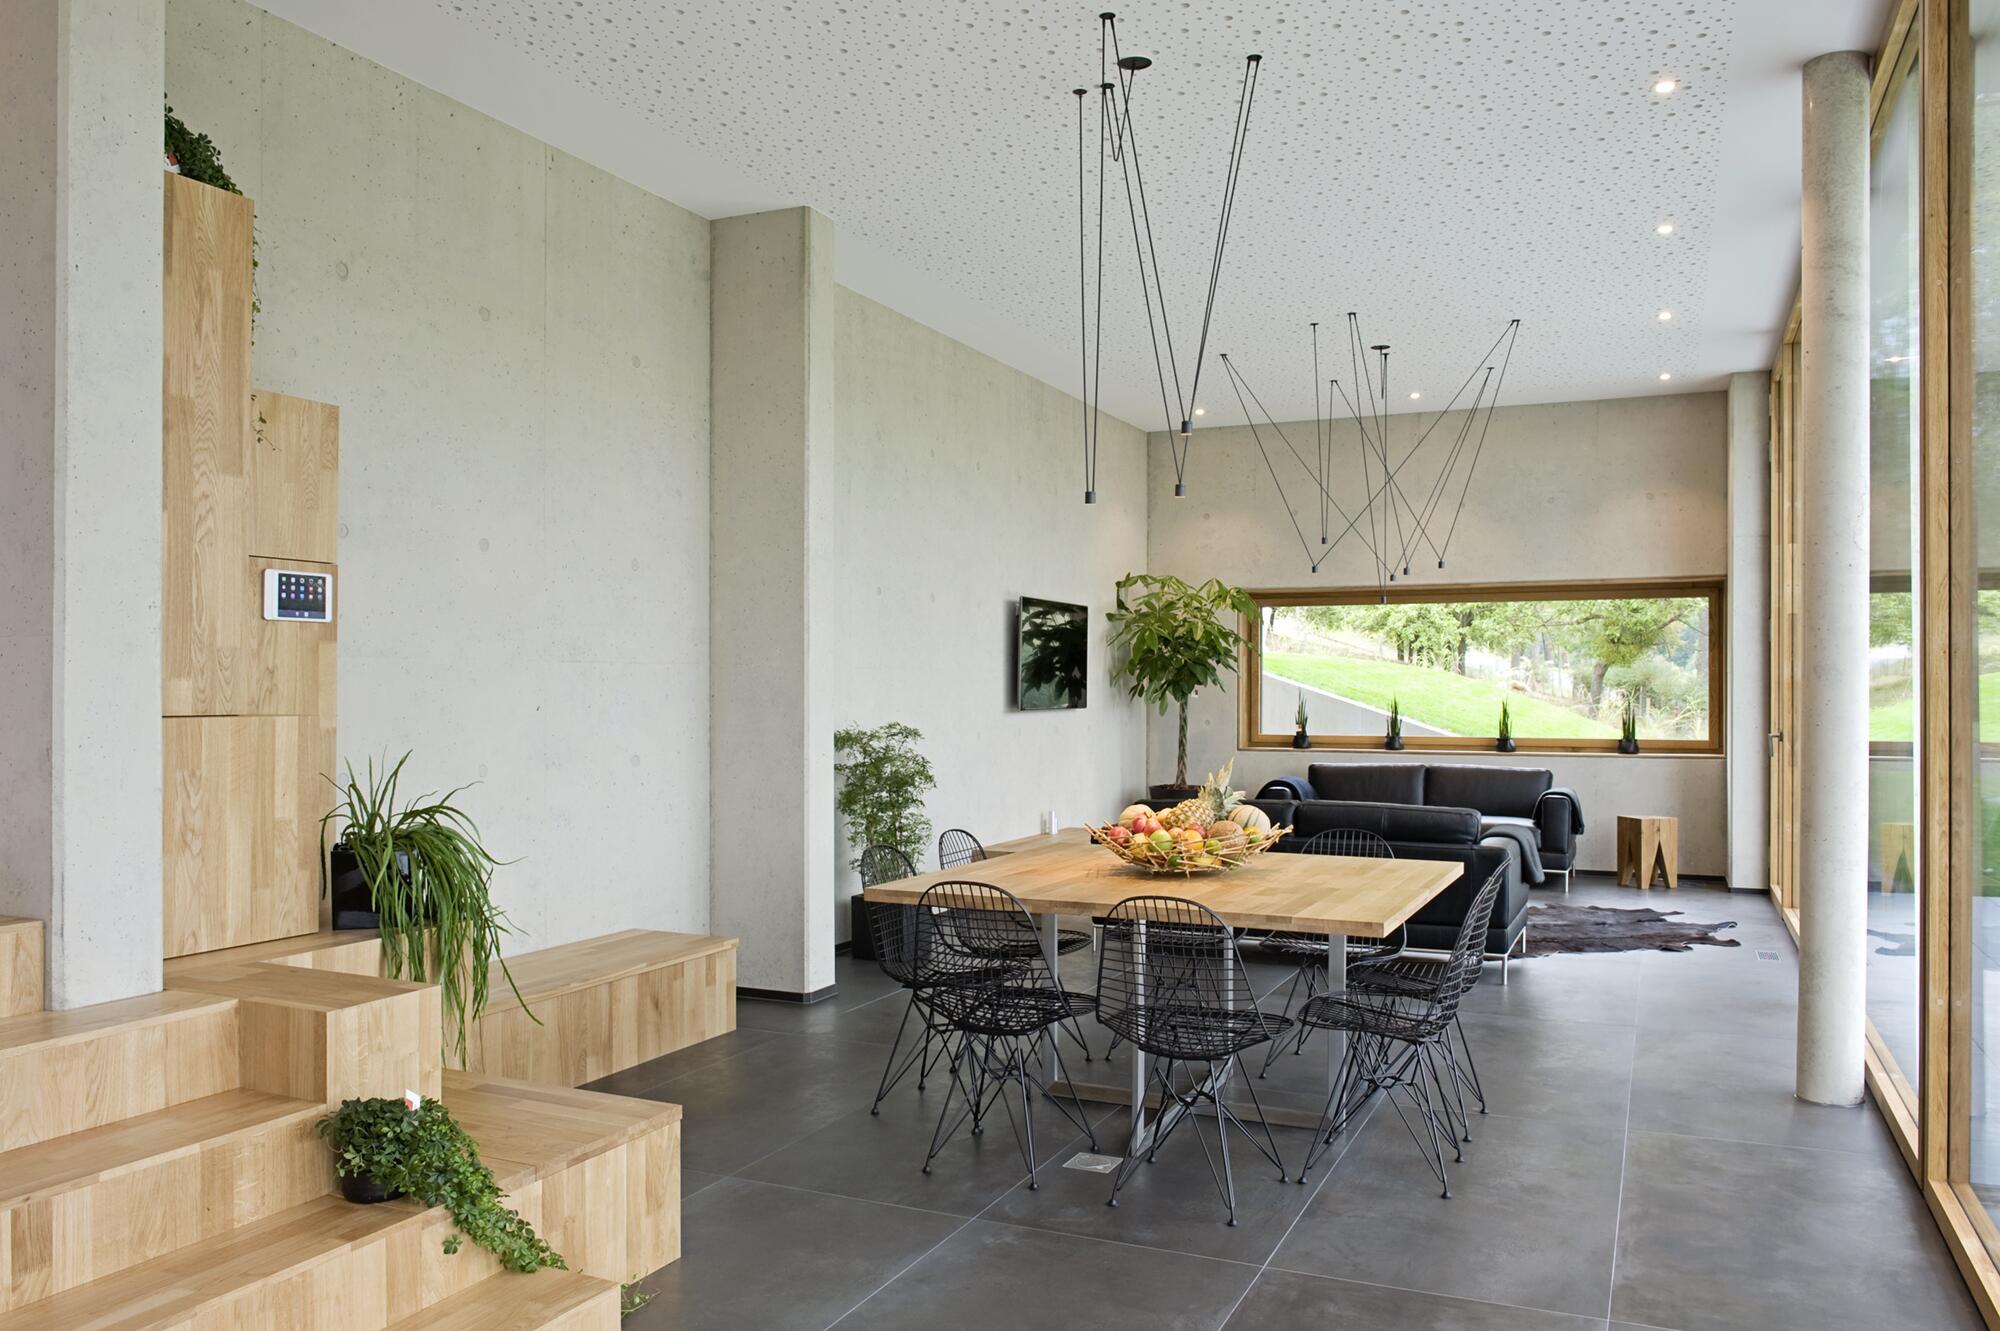 holz trifft beton im modernen einfamilienhaus